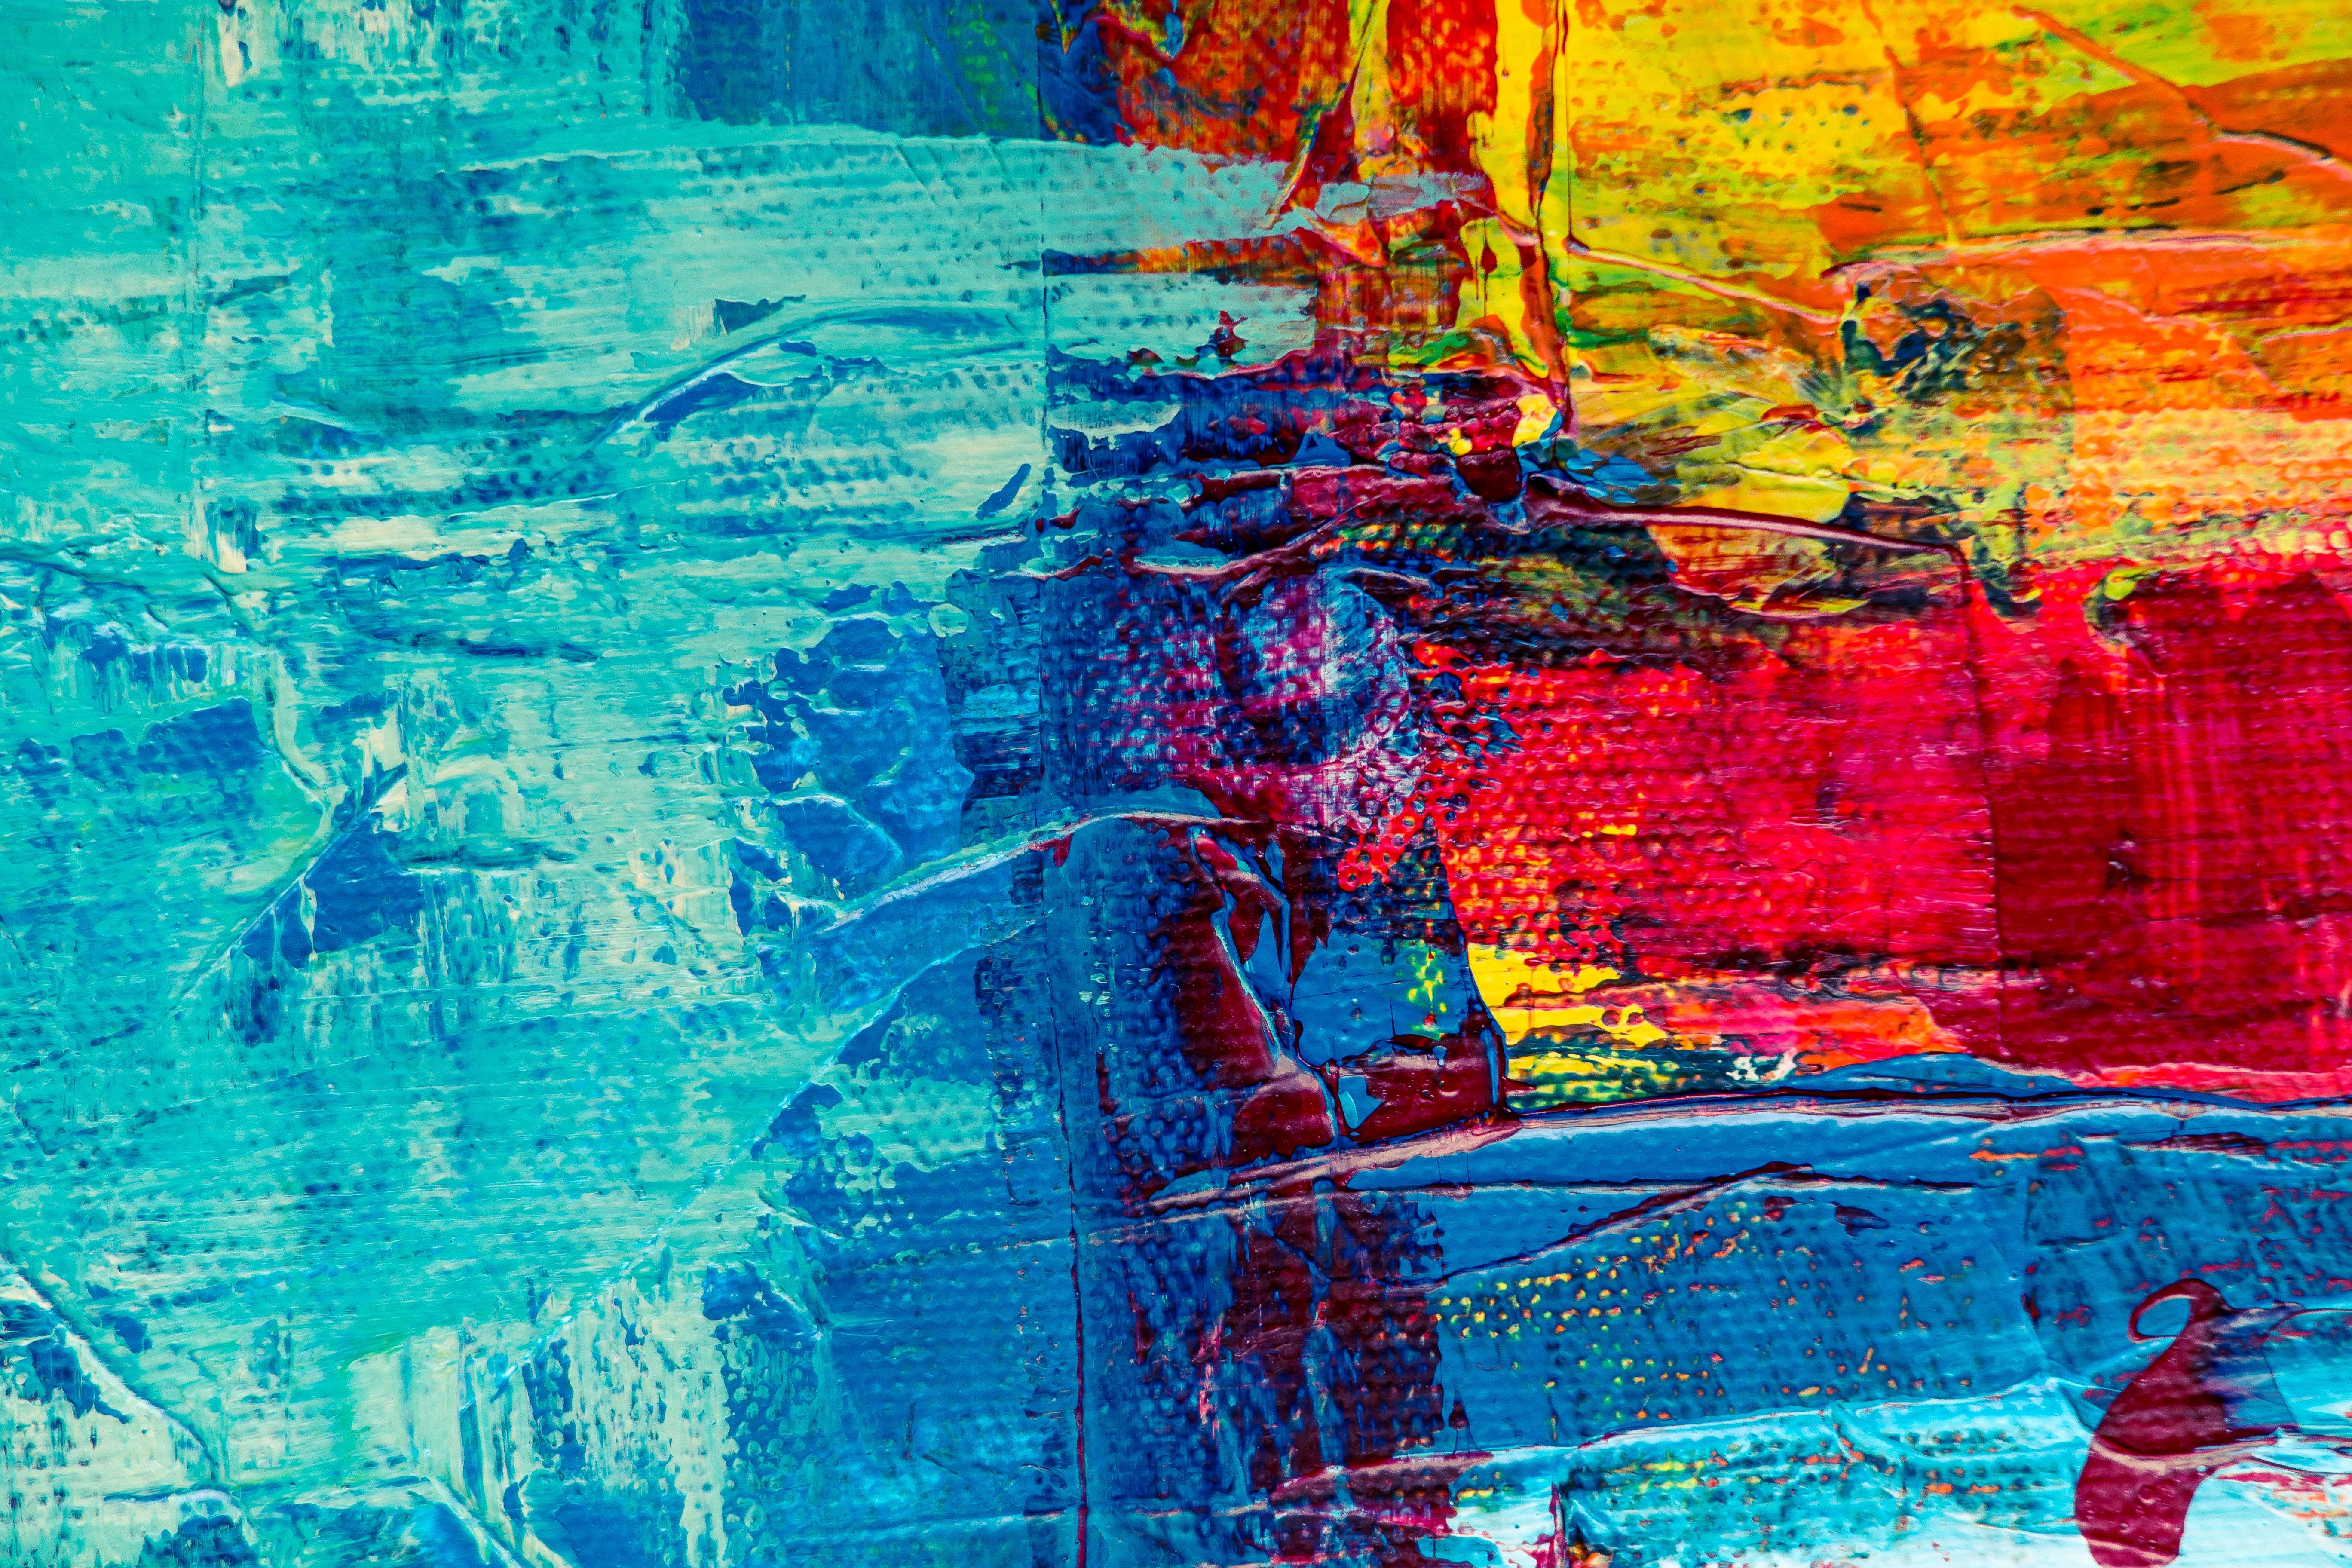 Fotoğraf Mavi Su Boyama Yansıma Modern Sanat Akrilik Boya